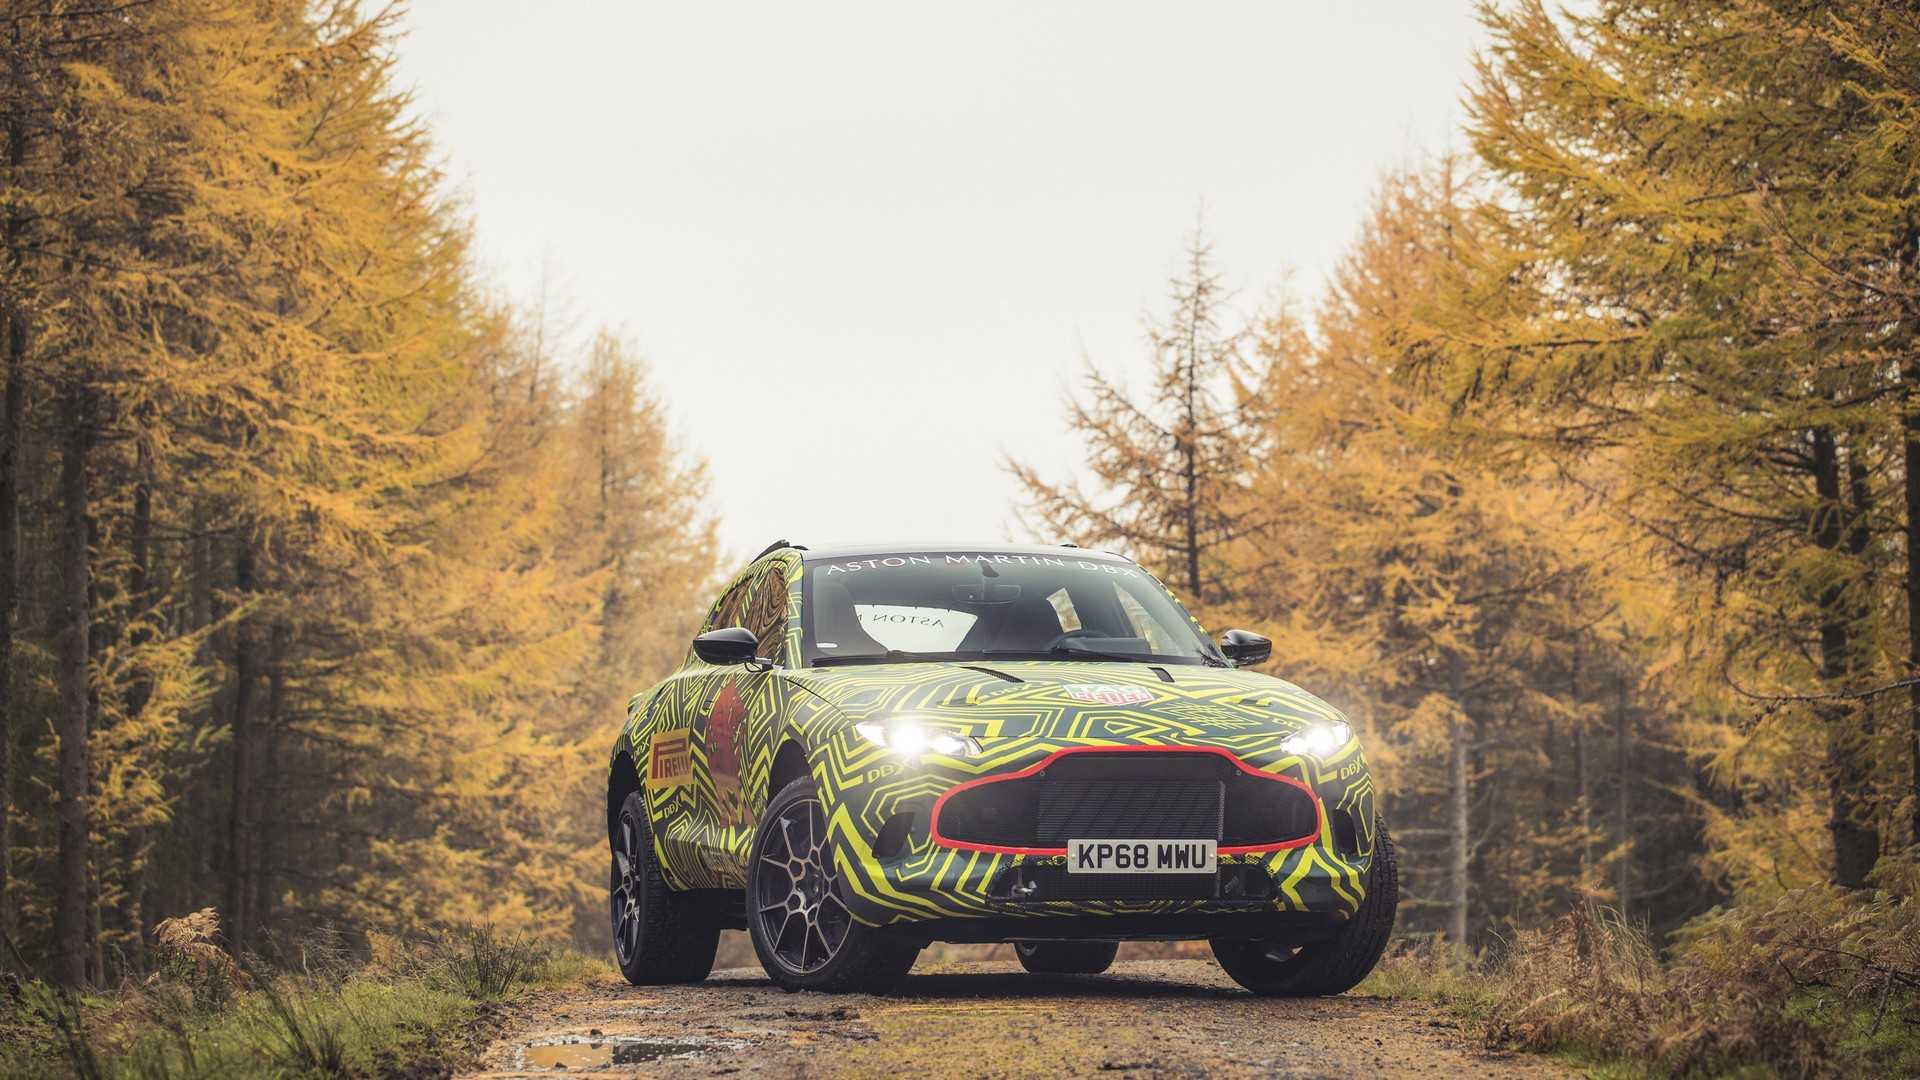 Aston Martin ya trabaja en un motor propio: todos los detalles